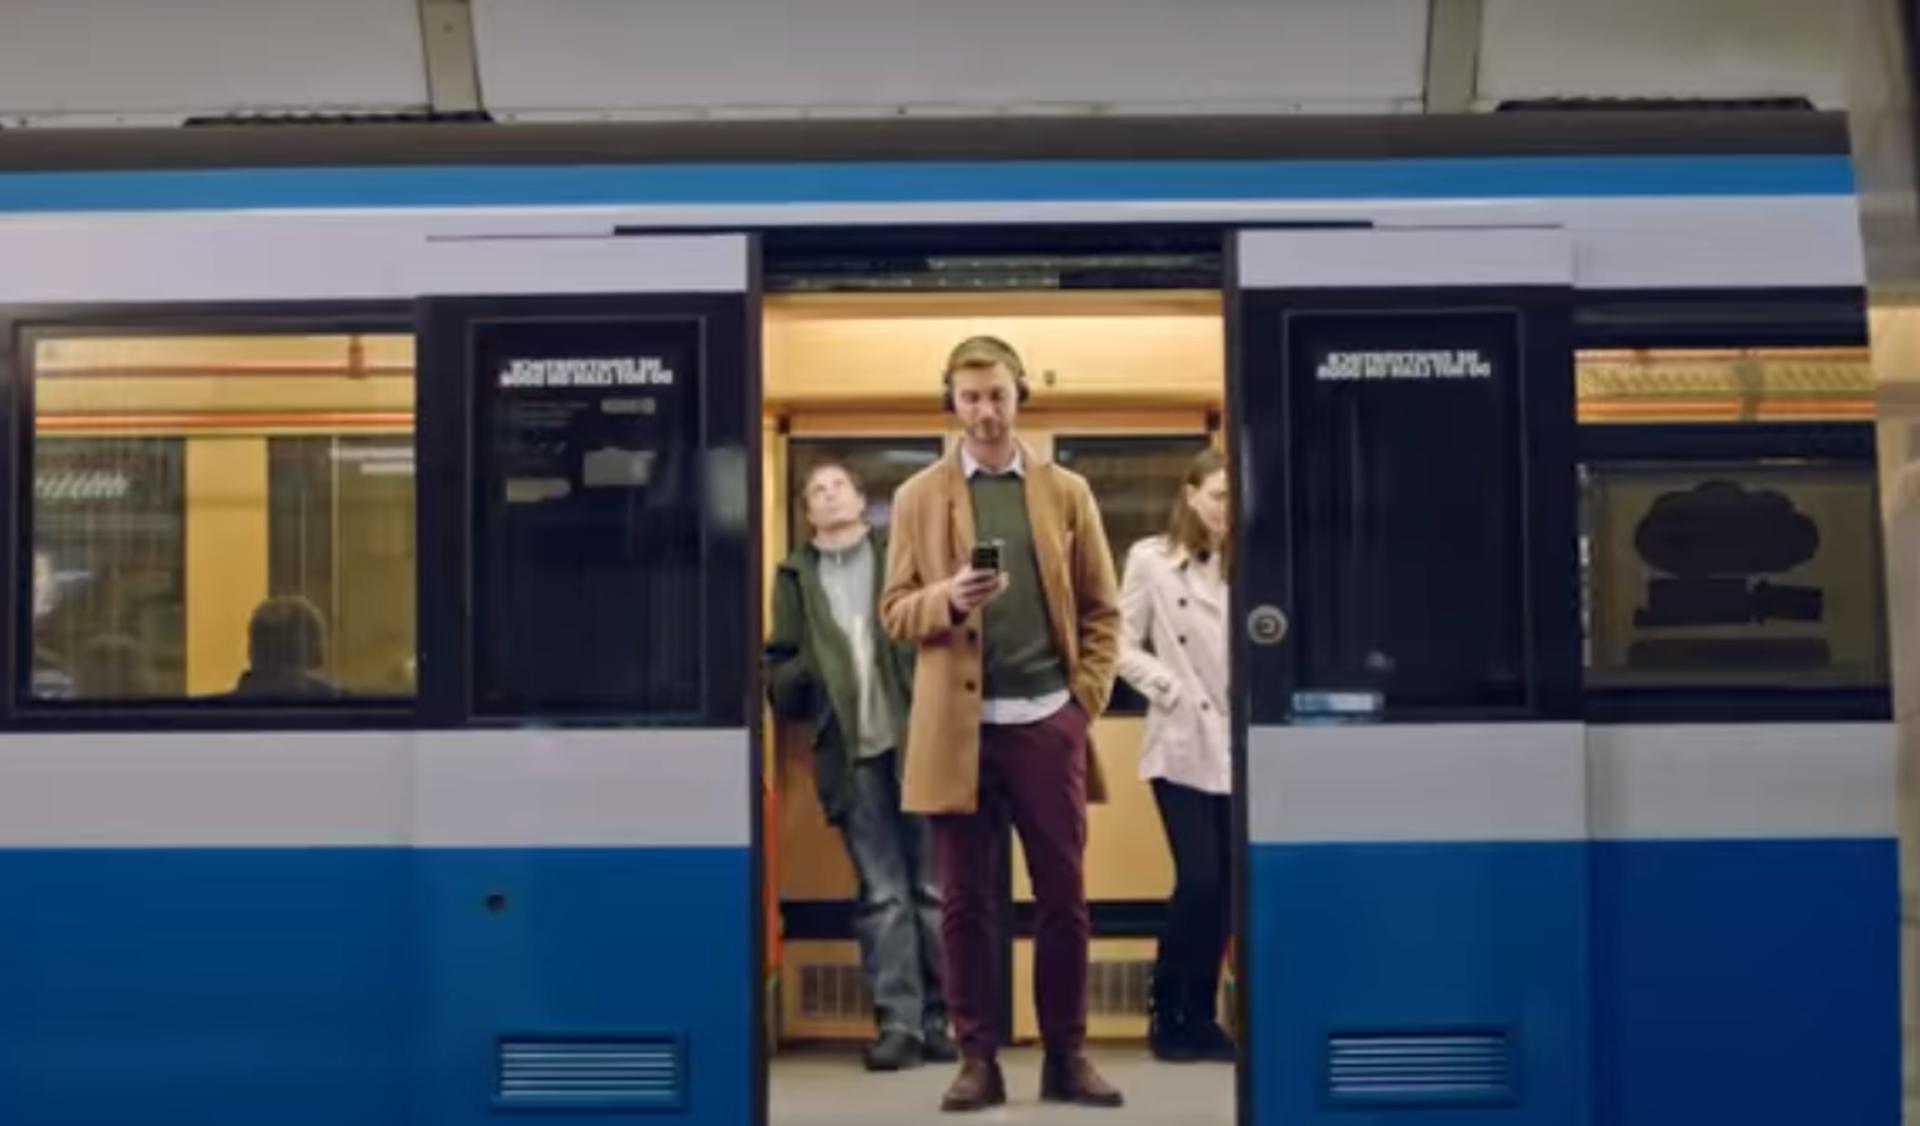 🚇 Стала відома дата відновлення метро — коли та що зміниться в роботі